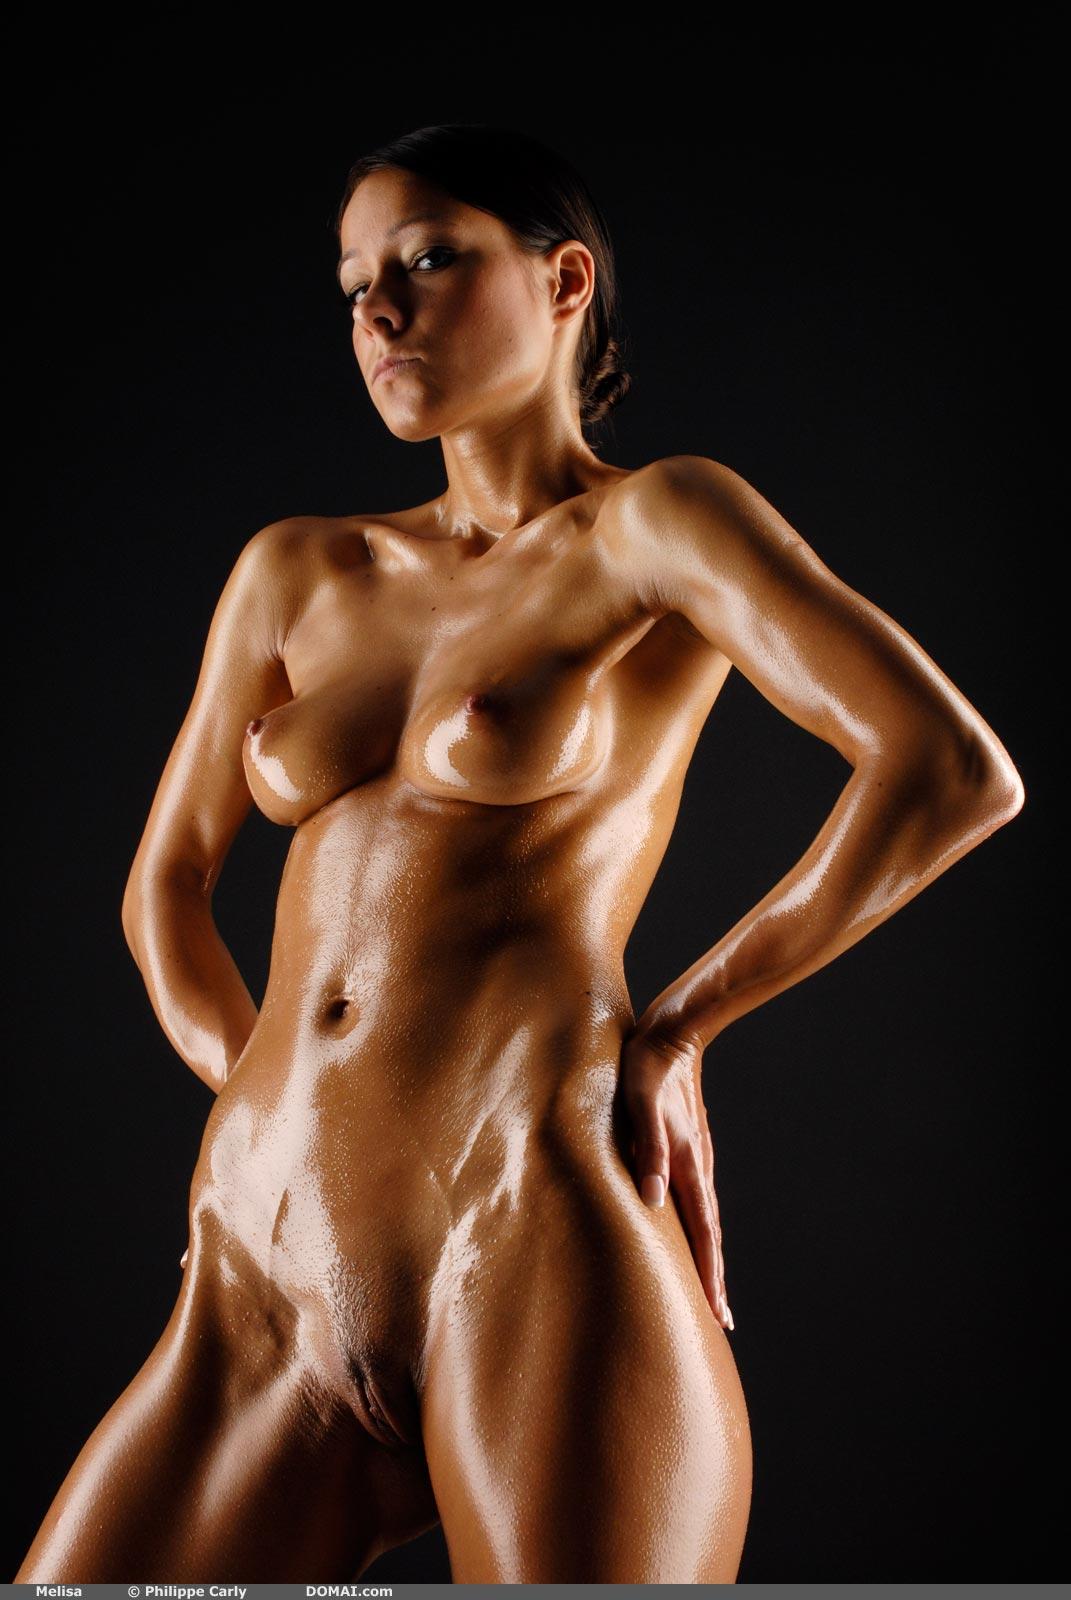 oiled body tumblr